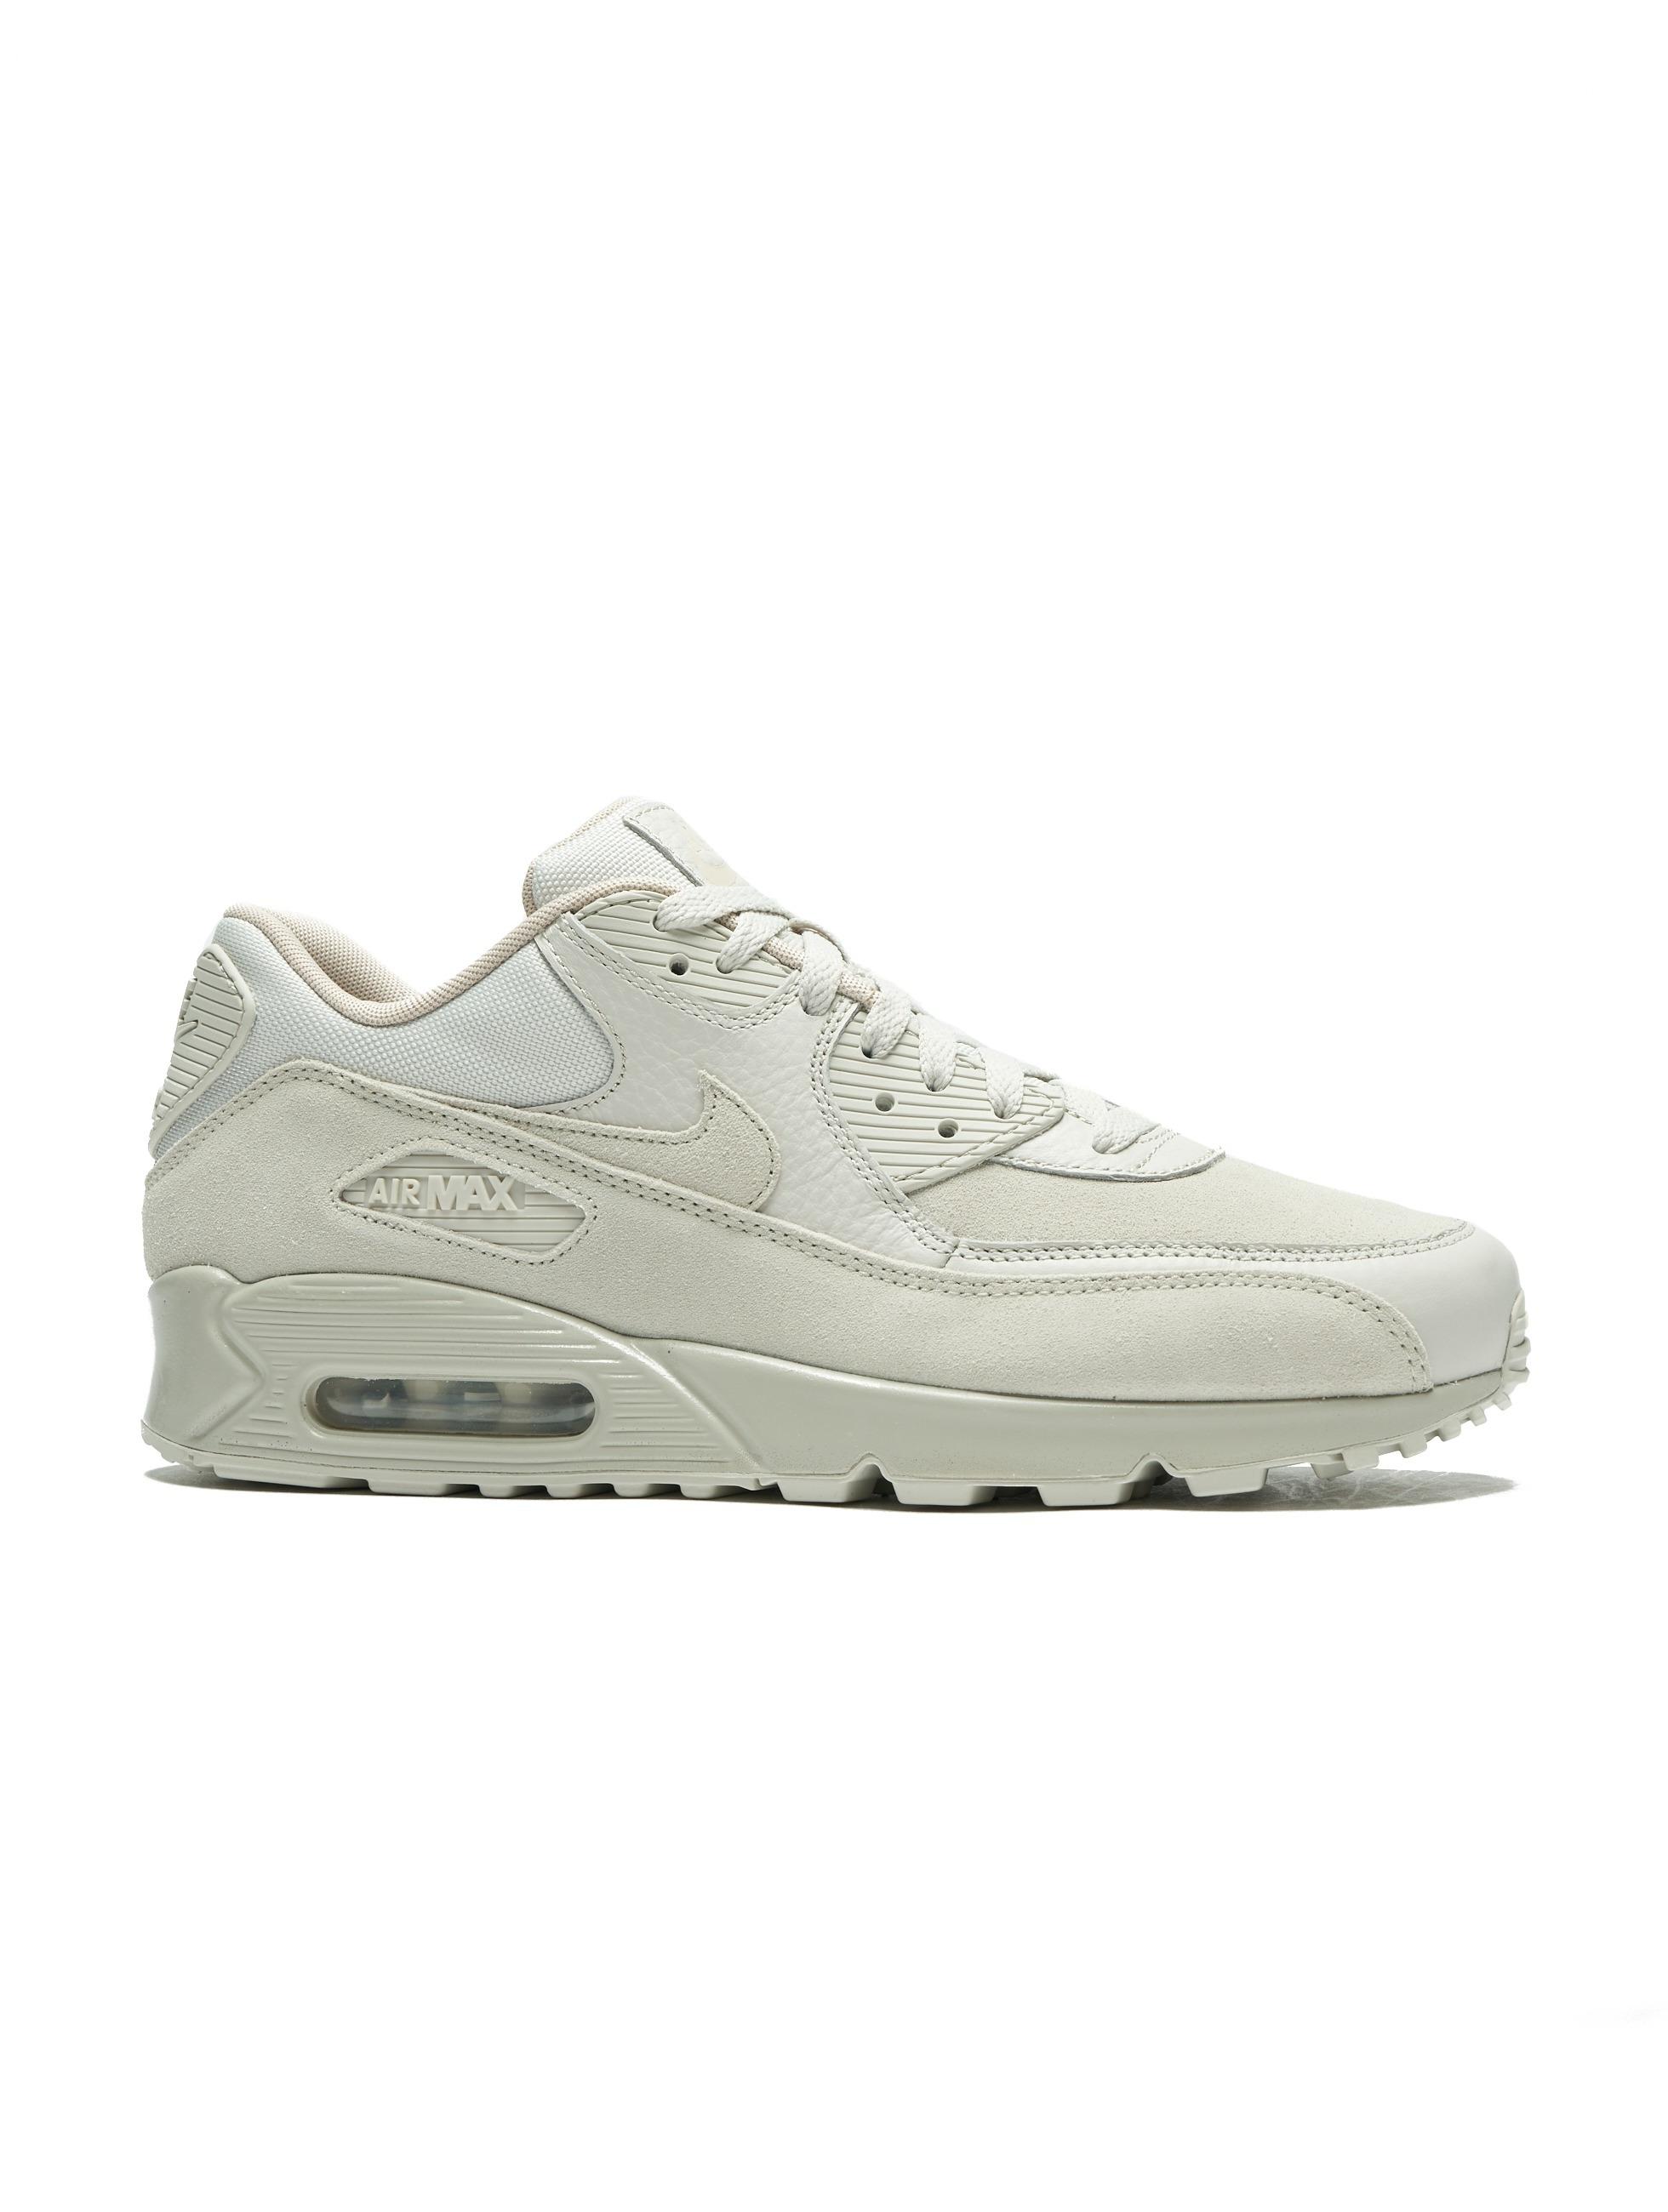 Nike Air Max 90 Prem Sneakers Light BoneString